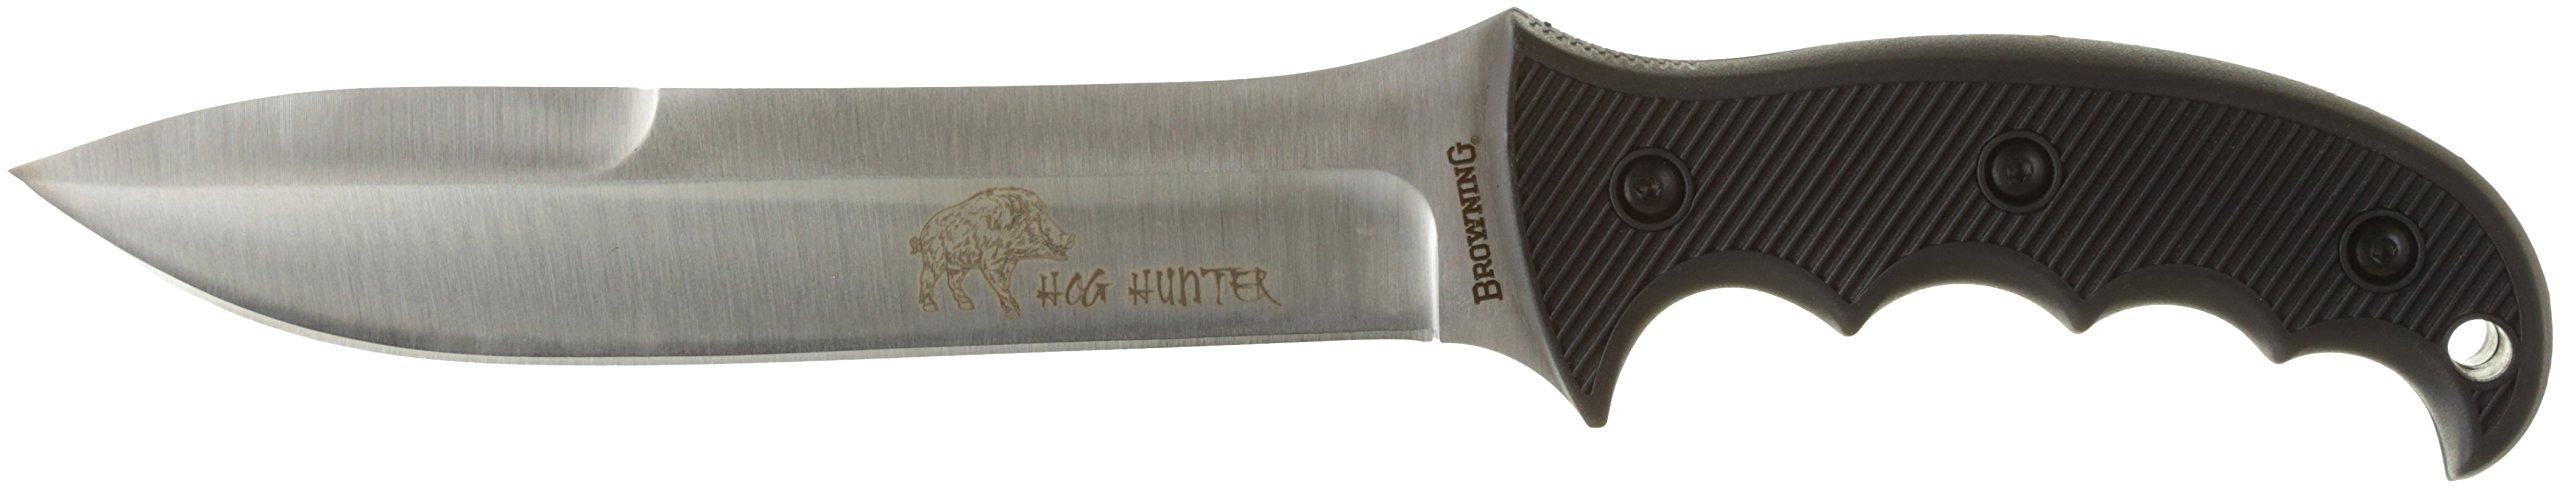 Browning Hog Hunter Knife